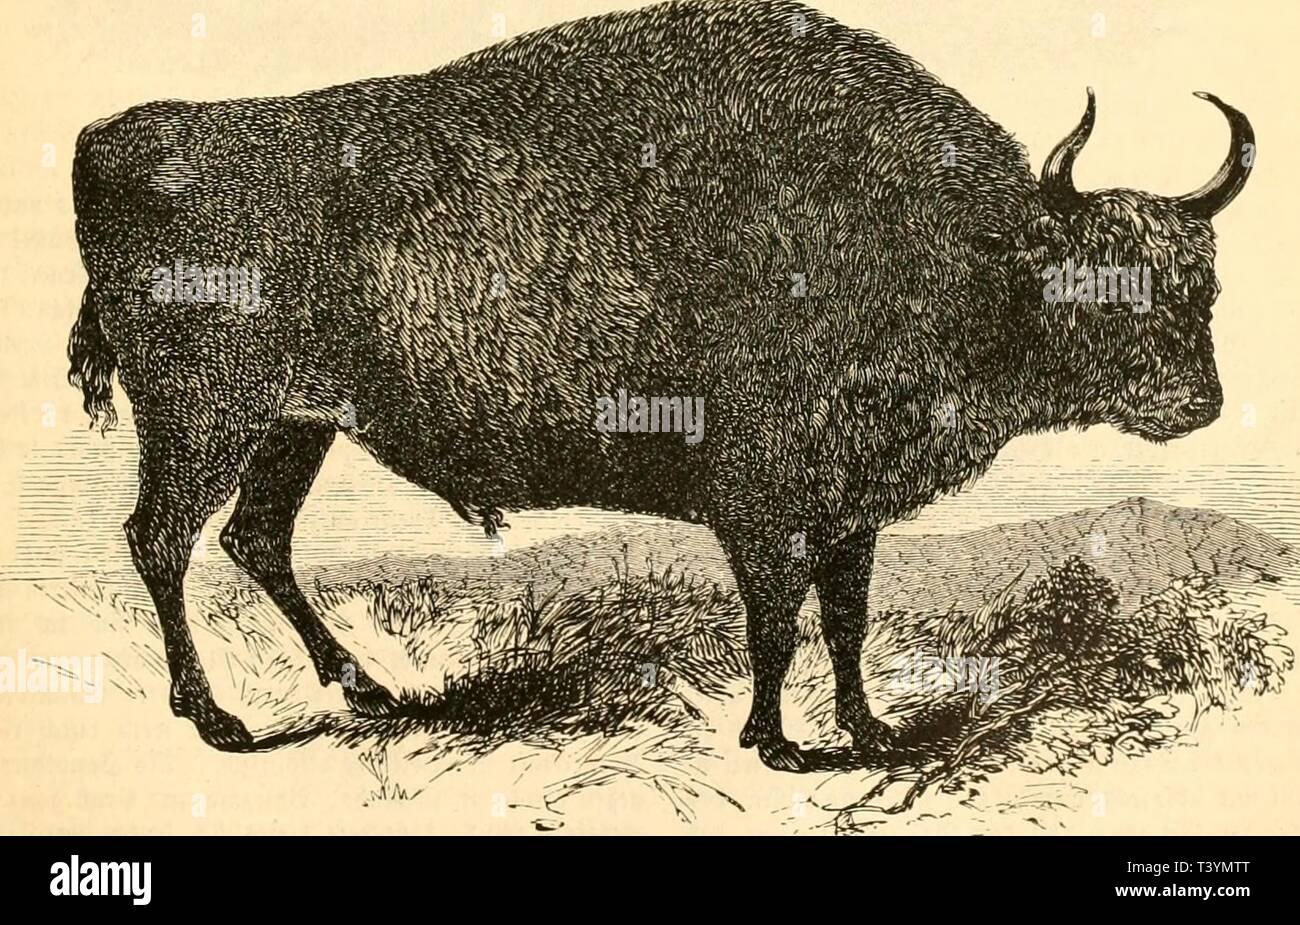 Archive image from page 442 of Die Naturgeschichte des Thierreichs (1859). Die Naturgeschichte des Thierreichs  dienaturgeschich01gieb Year: 1859  cntfvrcd'CMtcn tcJ ijcmcincn JHintct, fe i|'l rcrrarmfauaf füvjcv, mein- nodi tot Blinttavm, im 4!fa(tcr licsicii incv= jig iivof'c, cbcnfoiMcI mittie nnt ficinc Slätti-v, tic Sctcv ijl C[xön u. f. u Tic cijaitlidH- .ycinuit tcö 3?üffi'l jint tic fcuducn ÜUctcruHiicn Cftinticnv unt tcr tcnaditartcu J'H'cln. 3?on tcvt >ui« (icliiniUc er nad)«l>iiia nnt Iil>ct, bi* ,5iiiu capifdicn unt fcbanivcn ÜWccrc, fdicn im fcdiftcn S'it'i ftnntcrt nad) - Stock Image